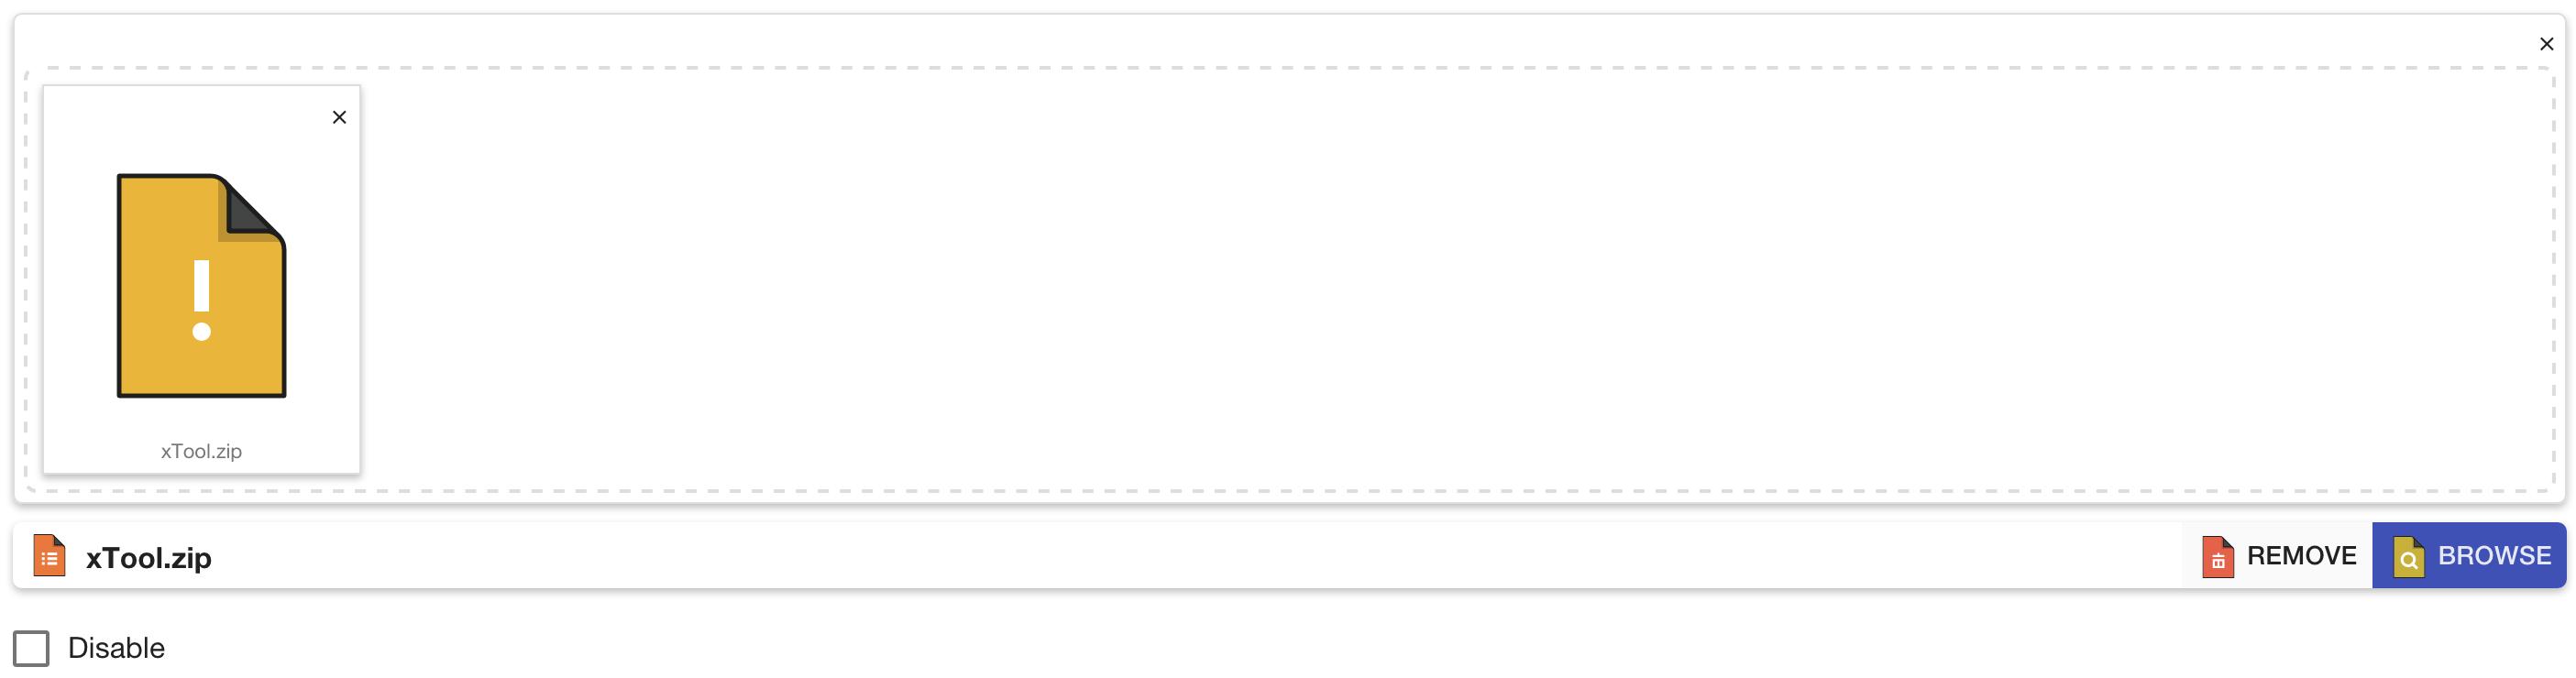 GitHub - shuyu/angular-material-fileinput: A Html input file